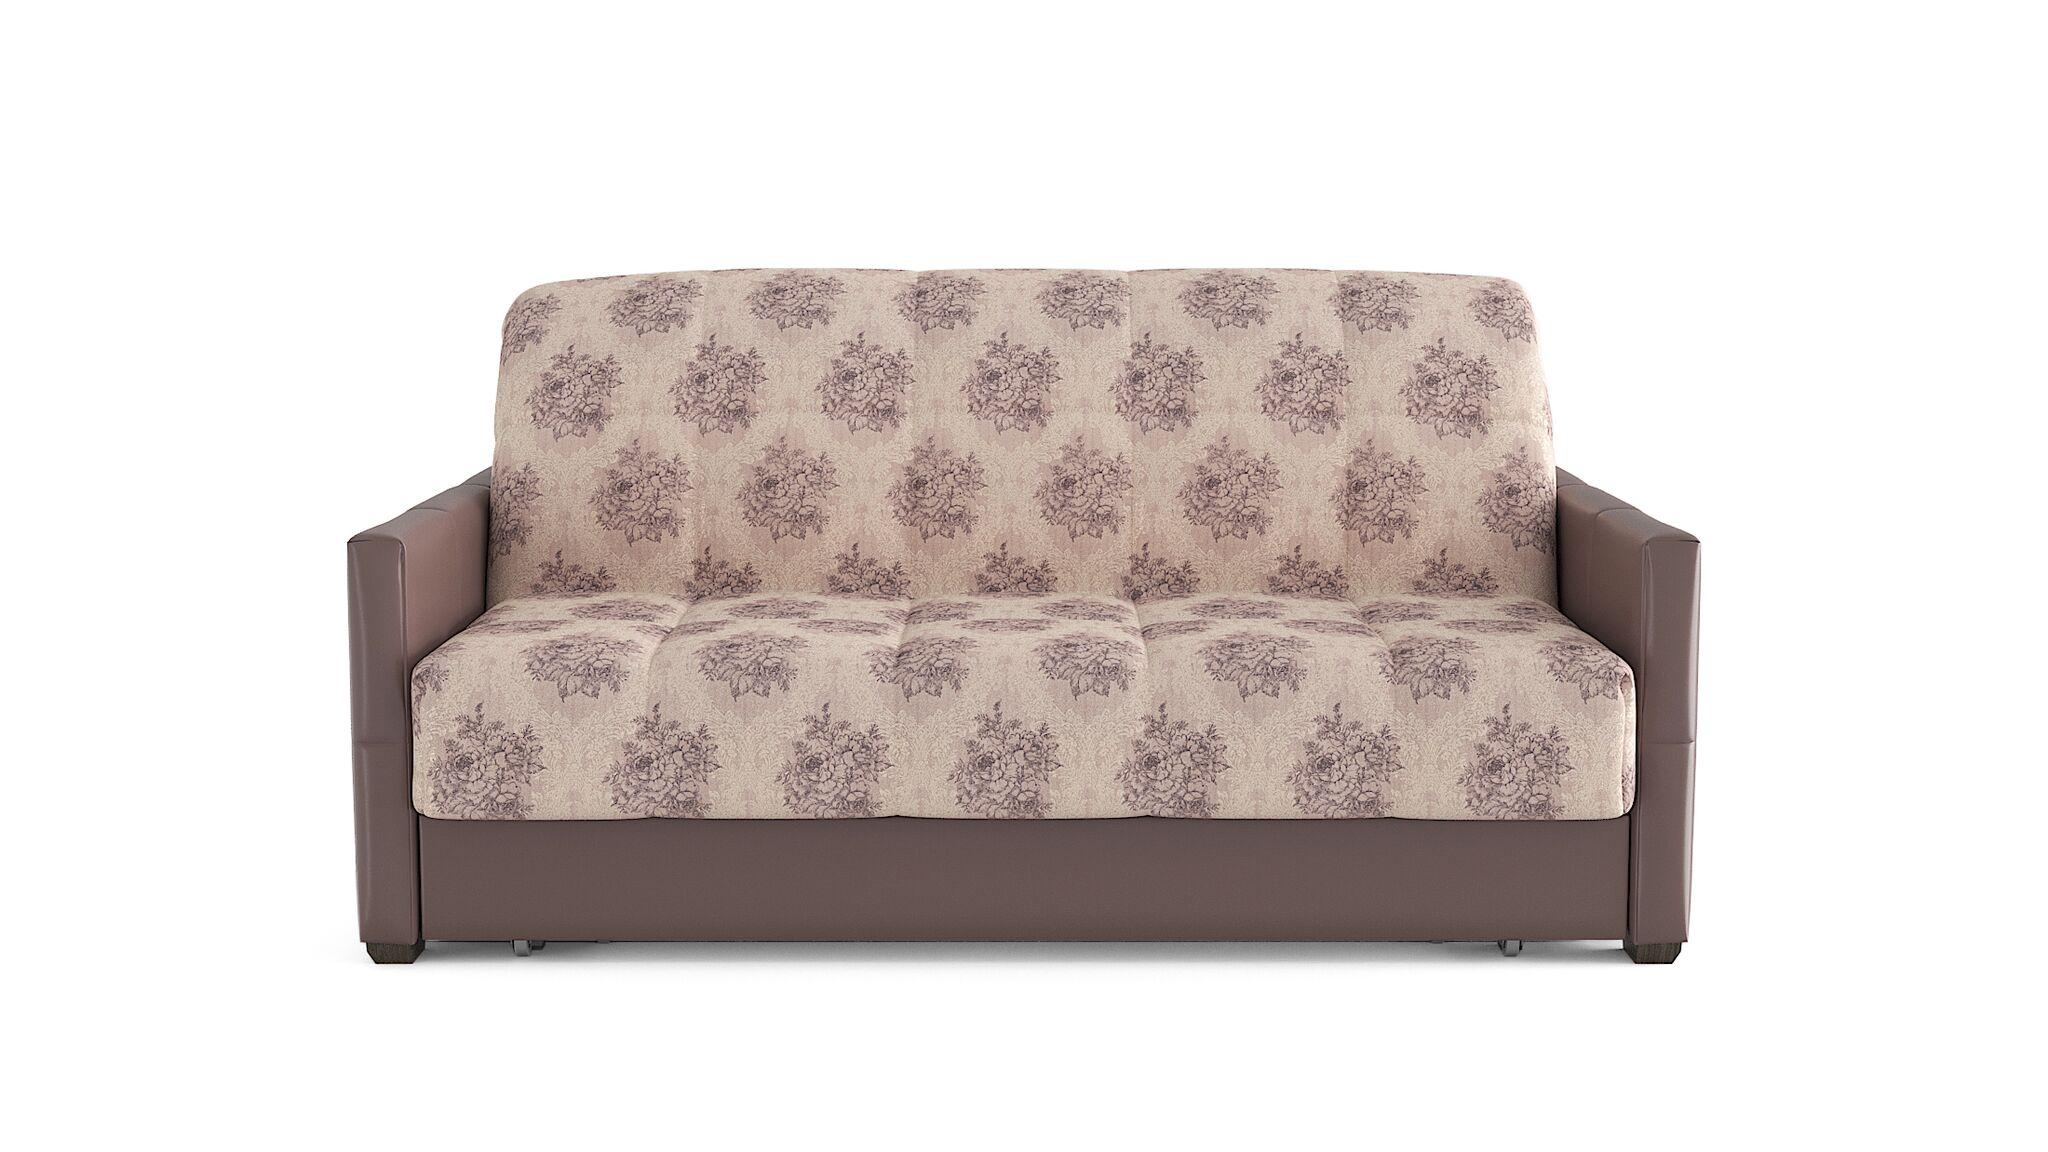 картинка Прямой диван  CARINA New Tiffany cacao от магазина Одежда+